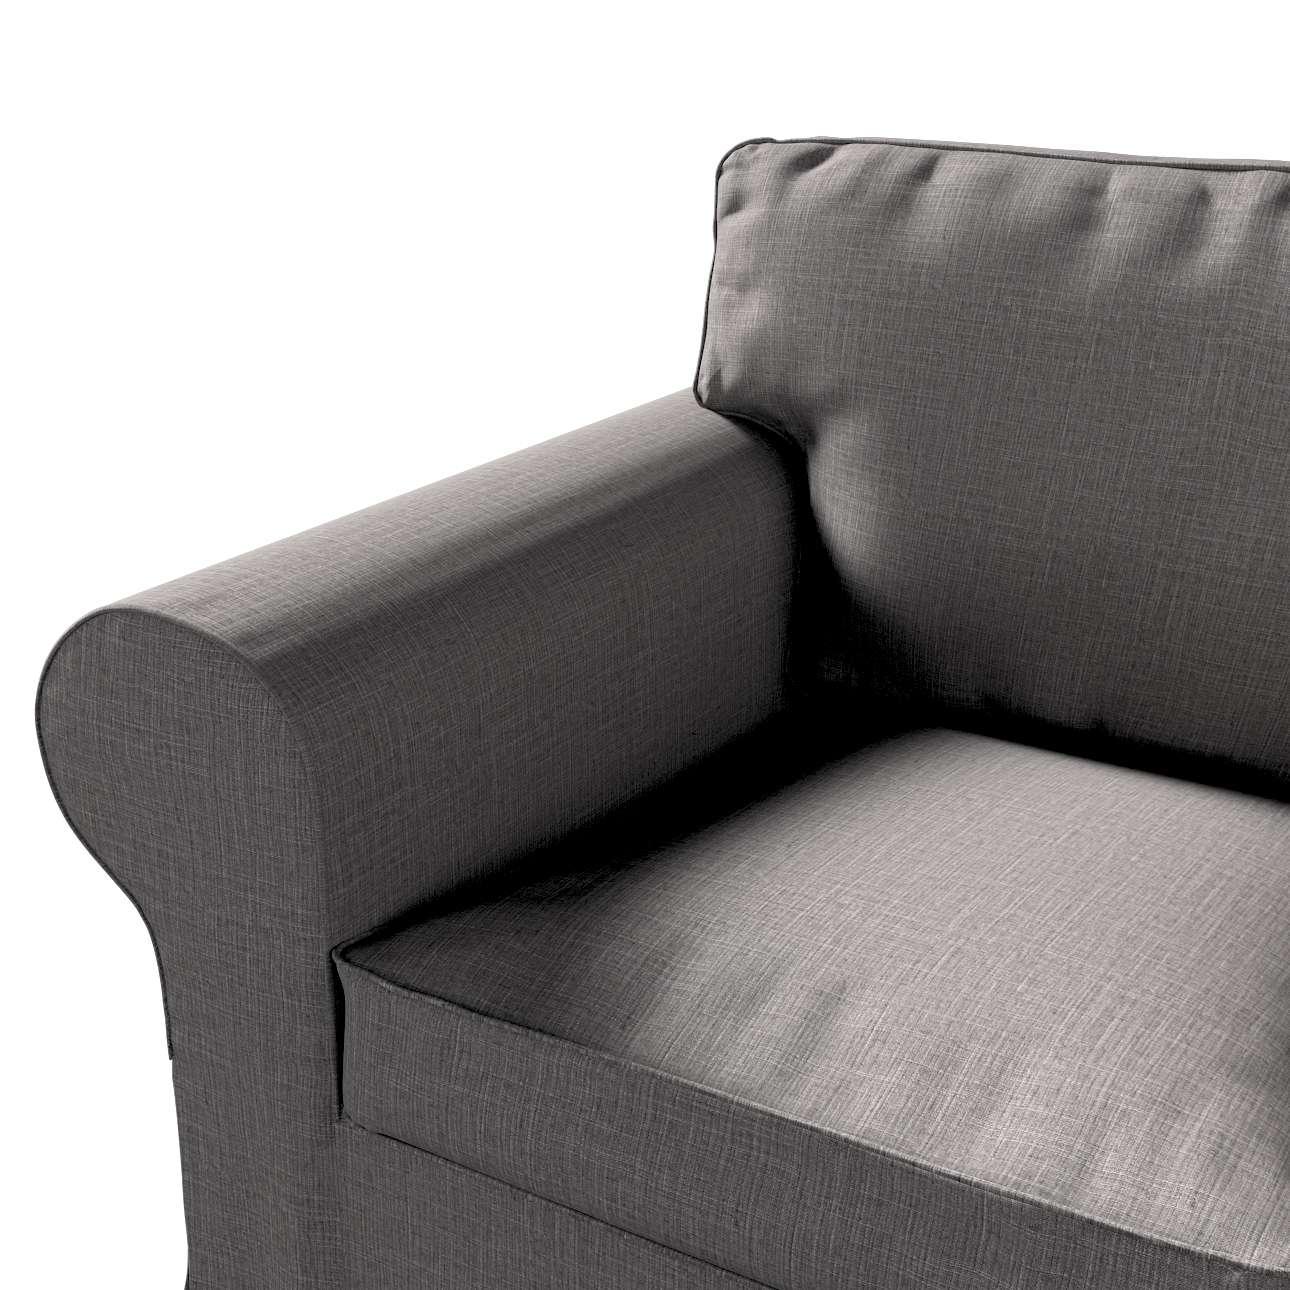 IKEA hoes voor Ektorp fauteuil van de collectie Living II, Stof: 161-16